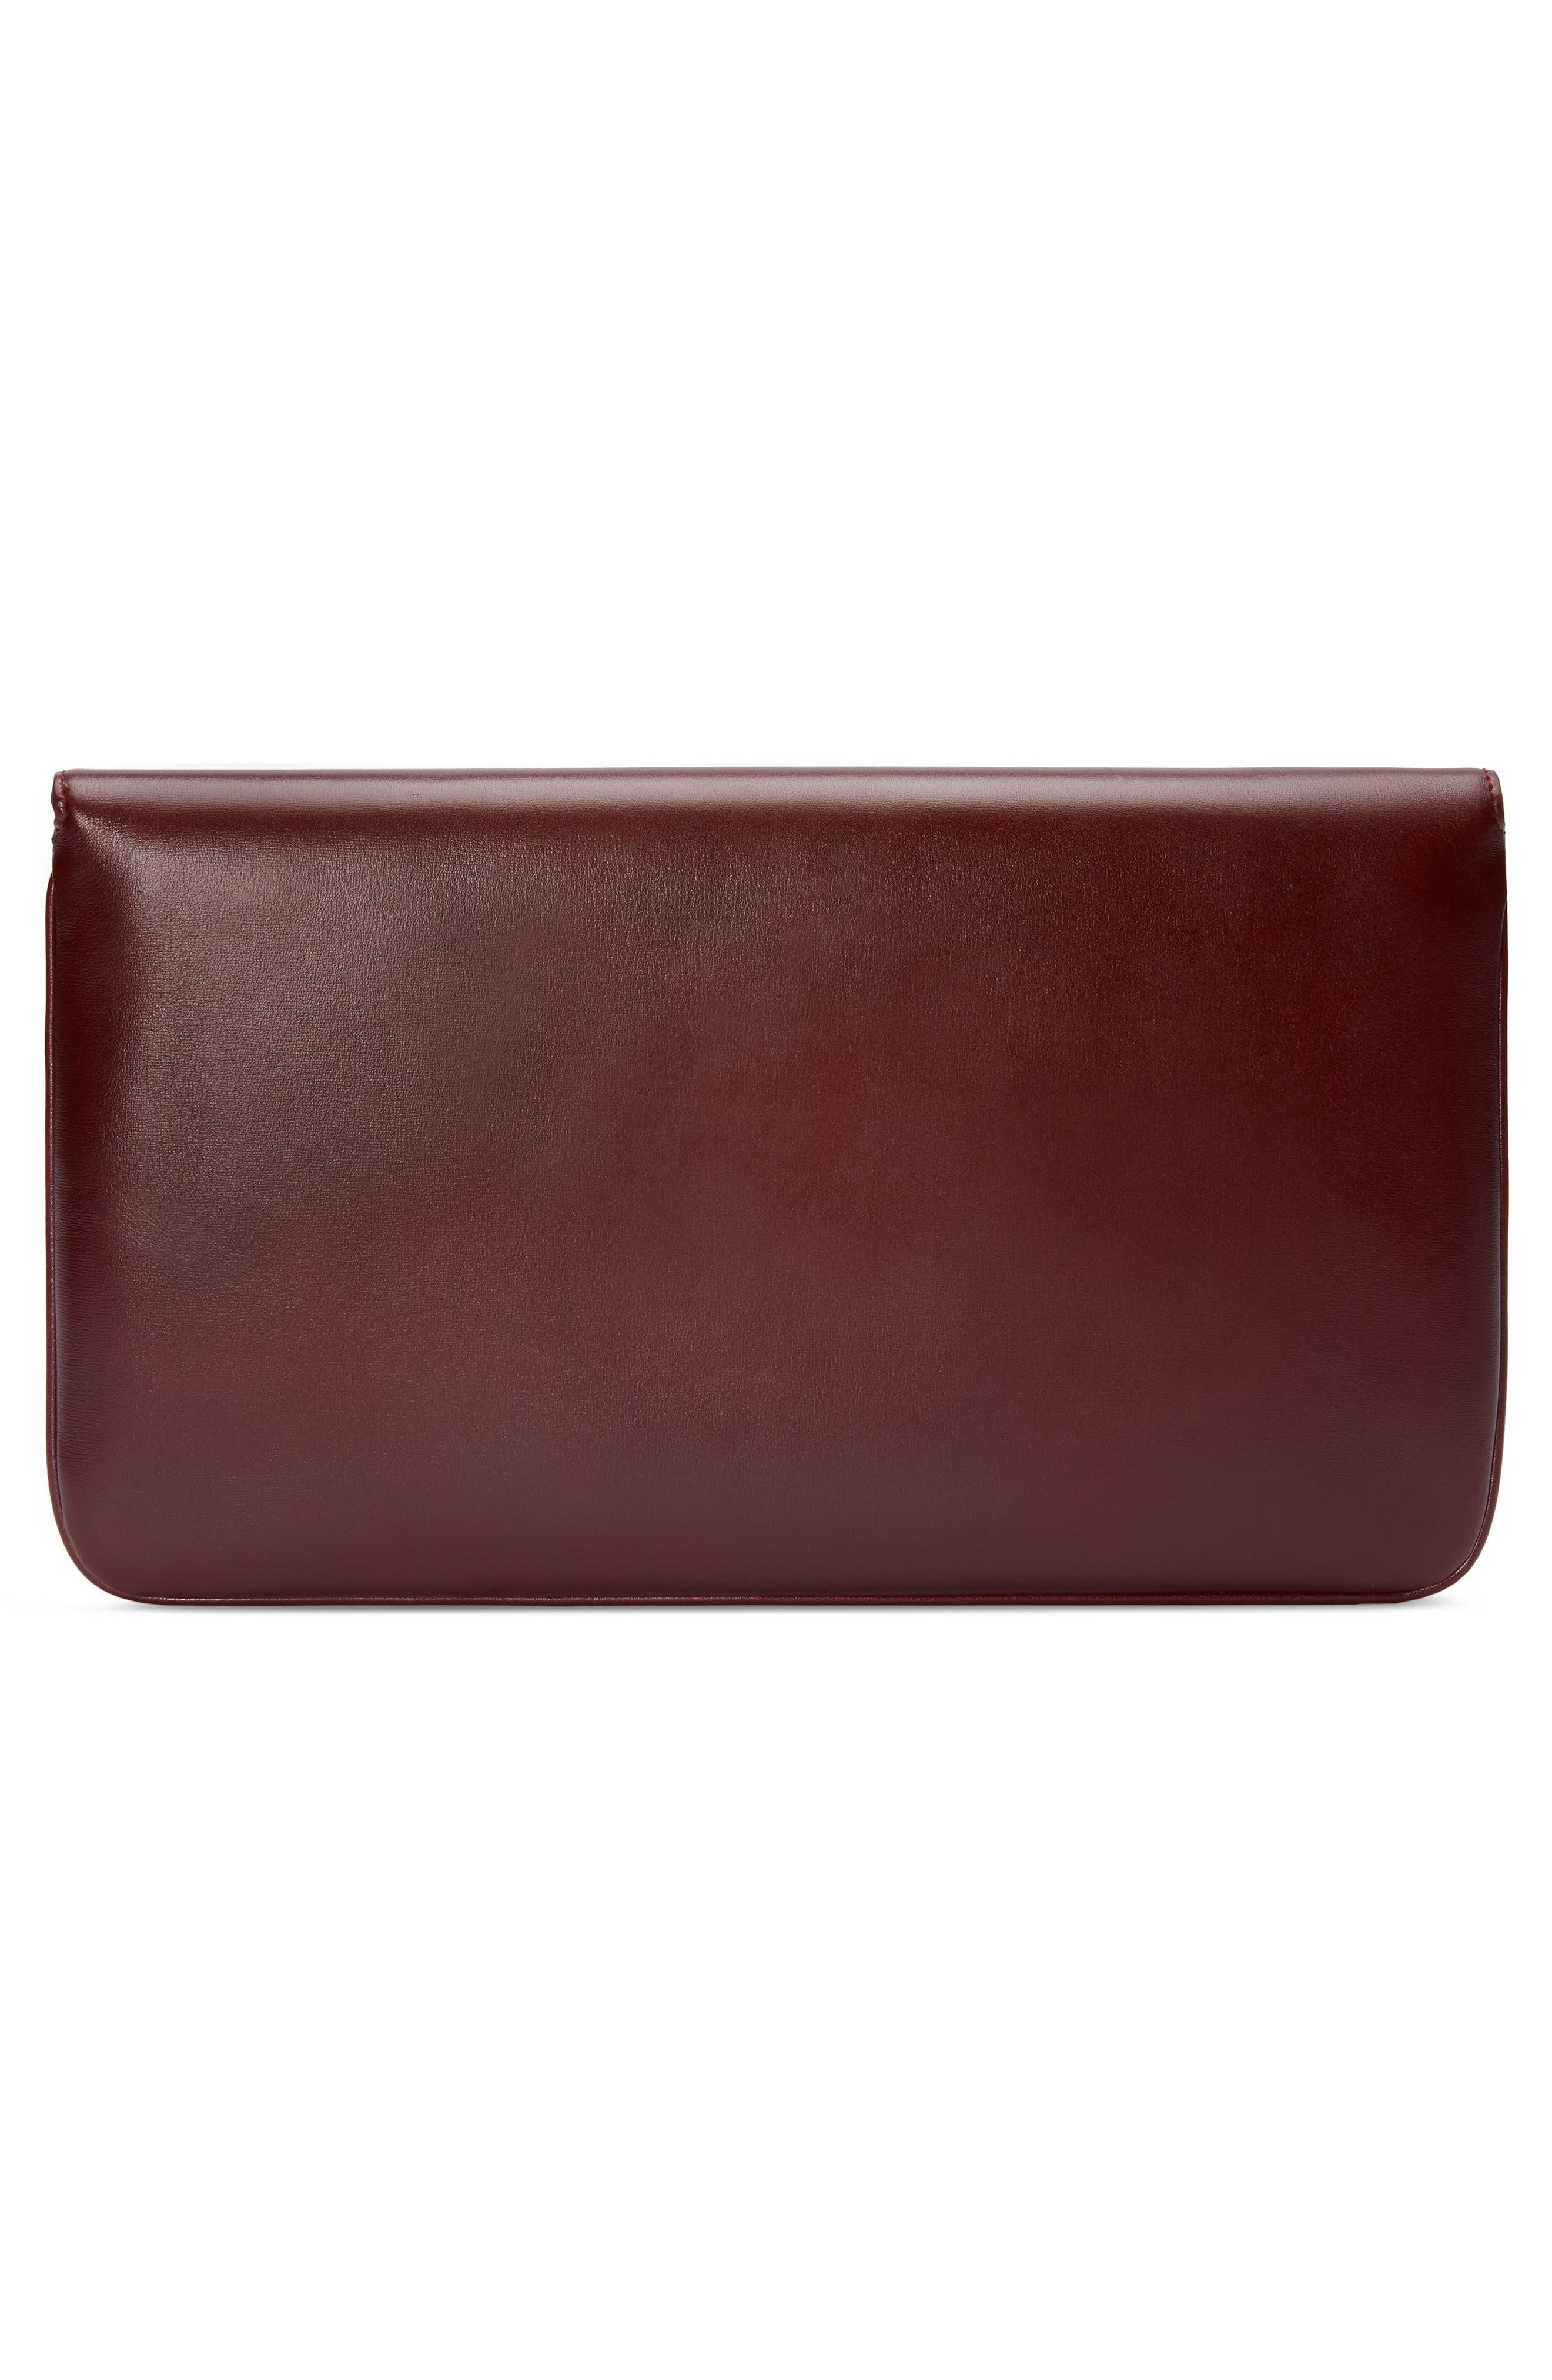 Linea Rajah Leather Clutch,                             Alternate thumbnail 2, color,                             VINTAGE BORDEAUX MULTI